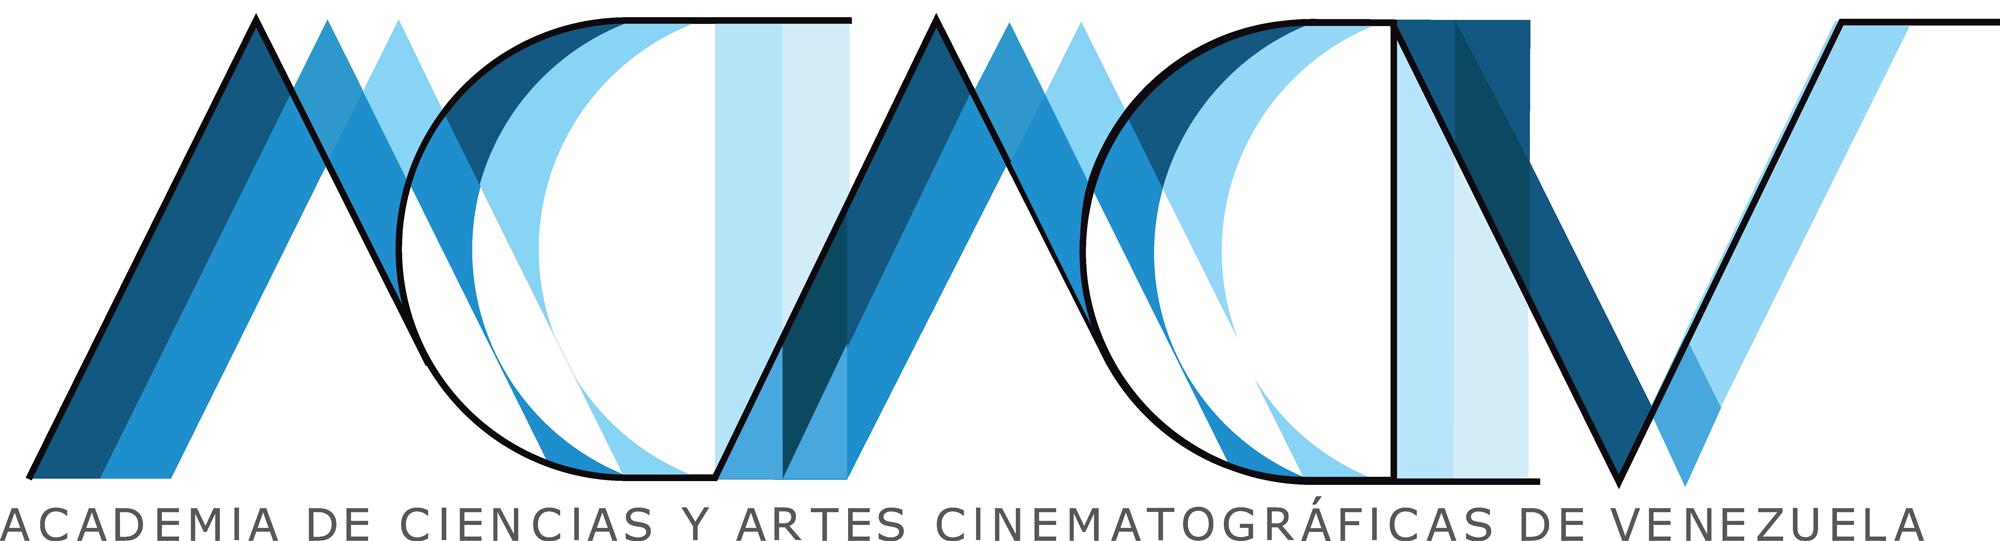 Academia de las Ciencias y Artes Cinematográficas de Venezuela